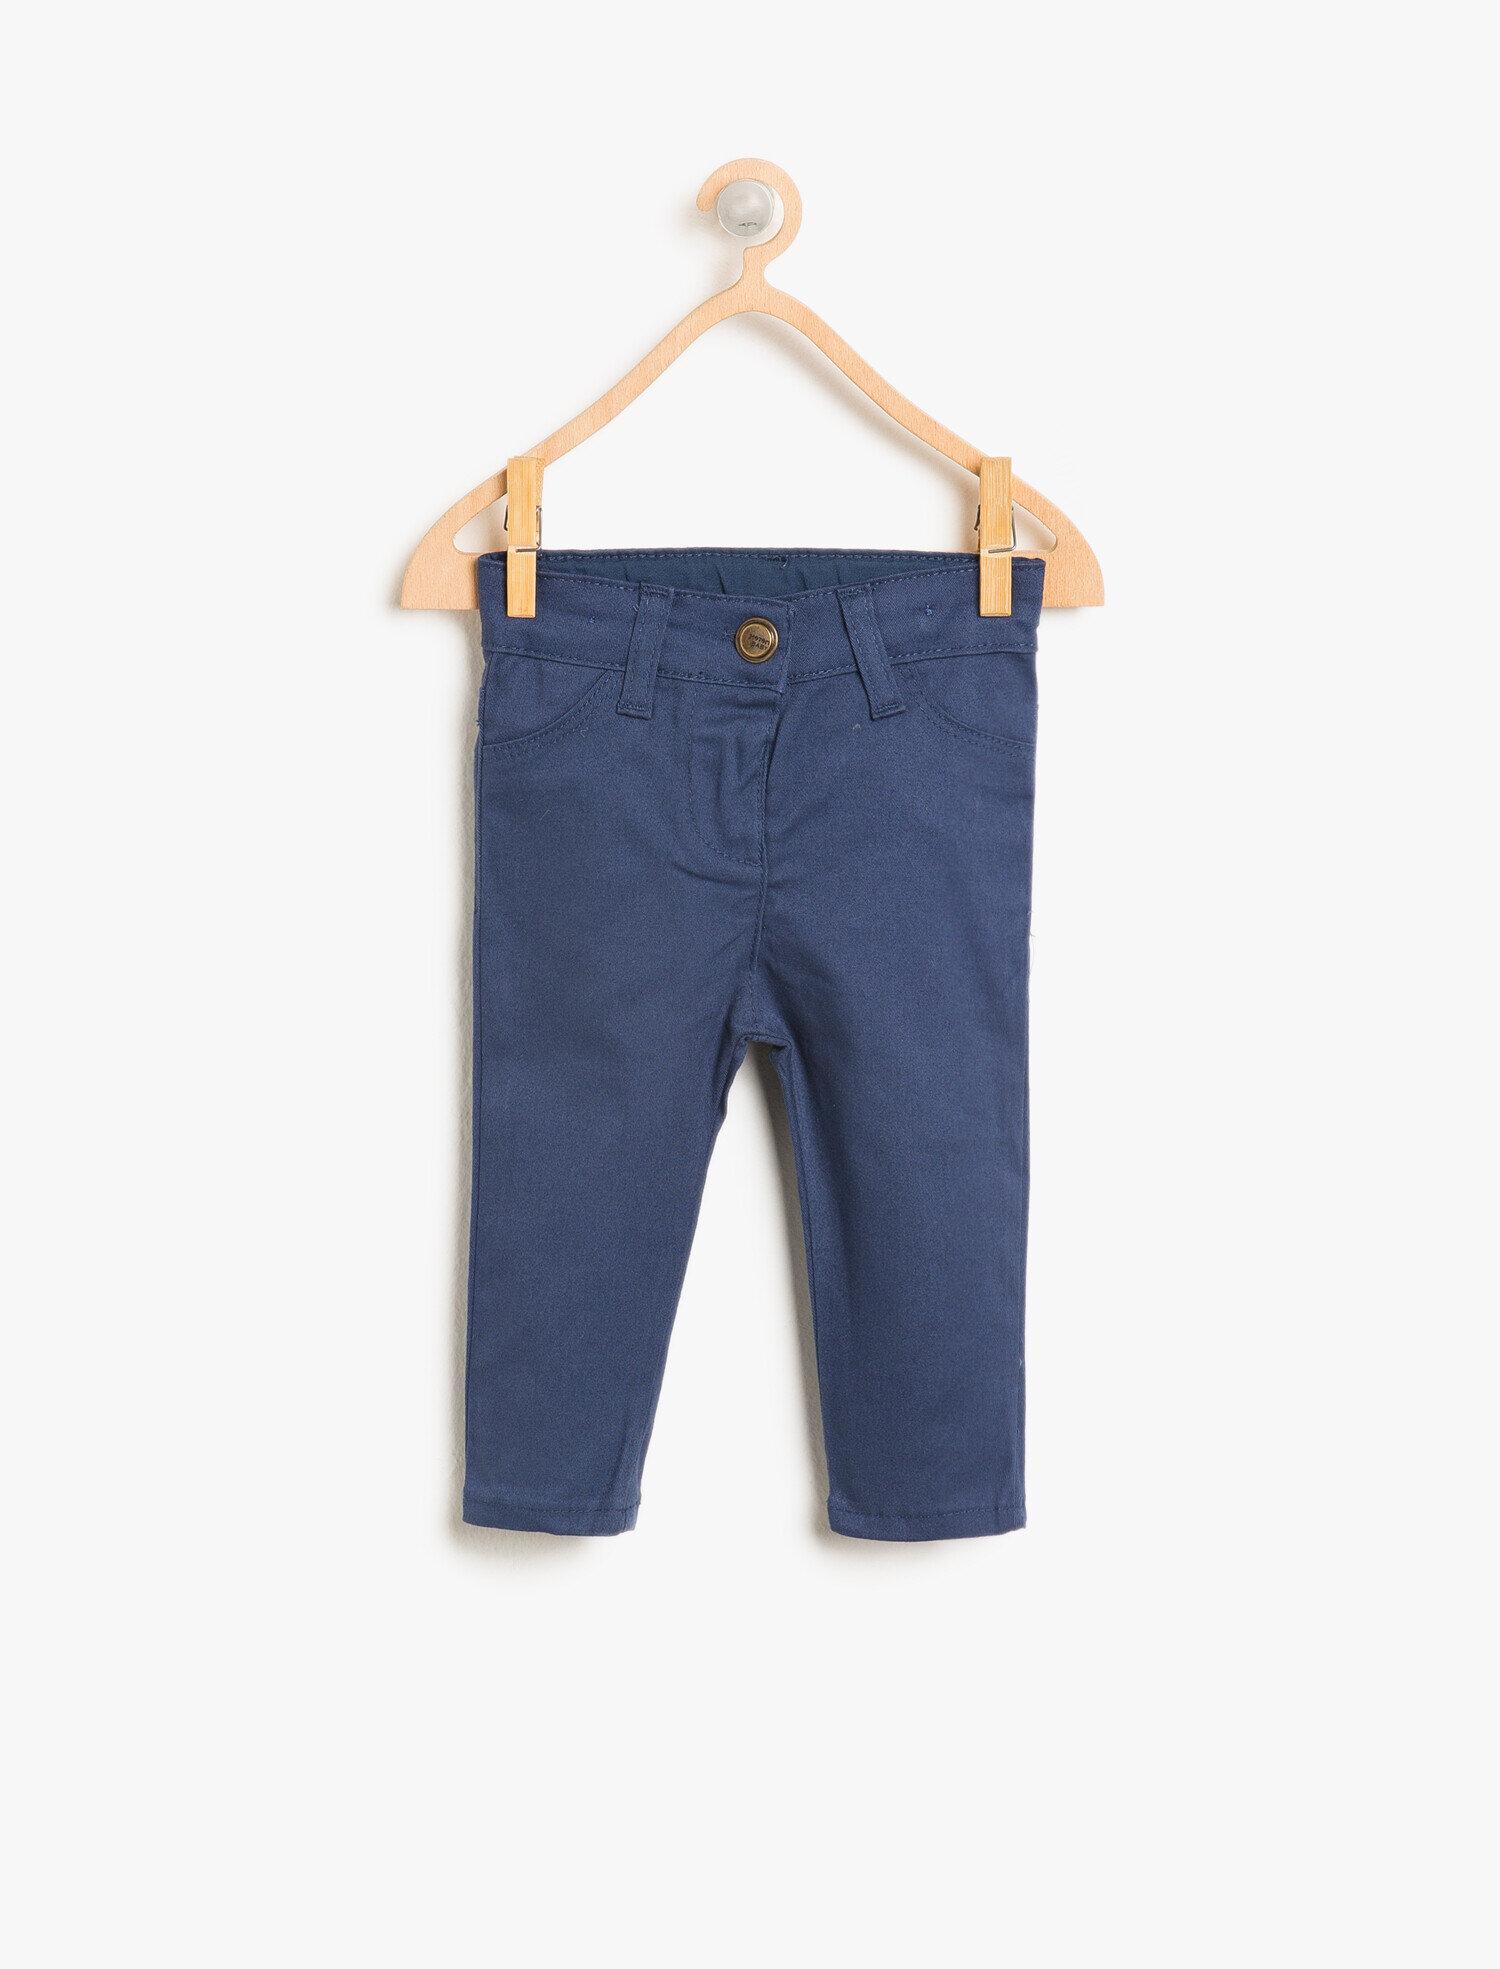 Koton Kız Çocuk Normal Bel Pantolon Lacivert Ürün Resmi